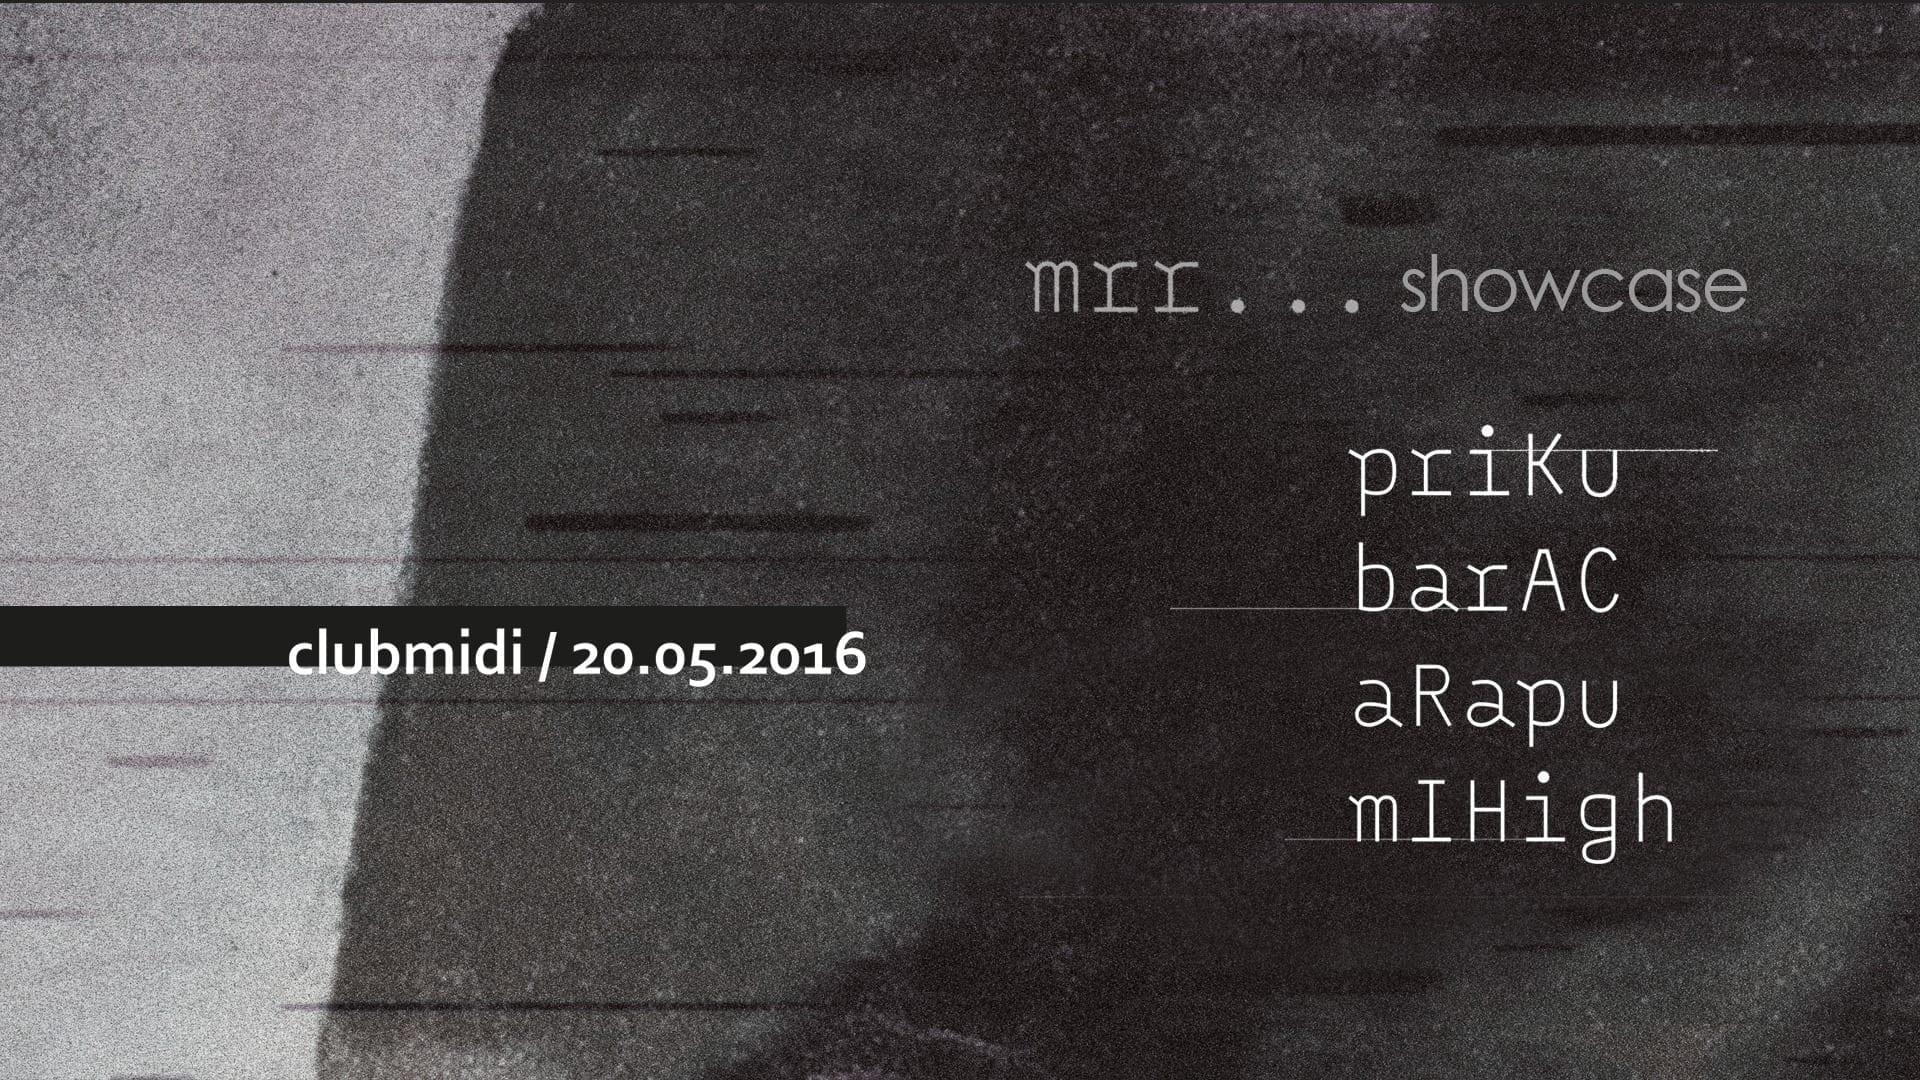 MRR Showcase @ Club Midi